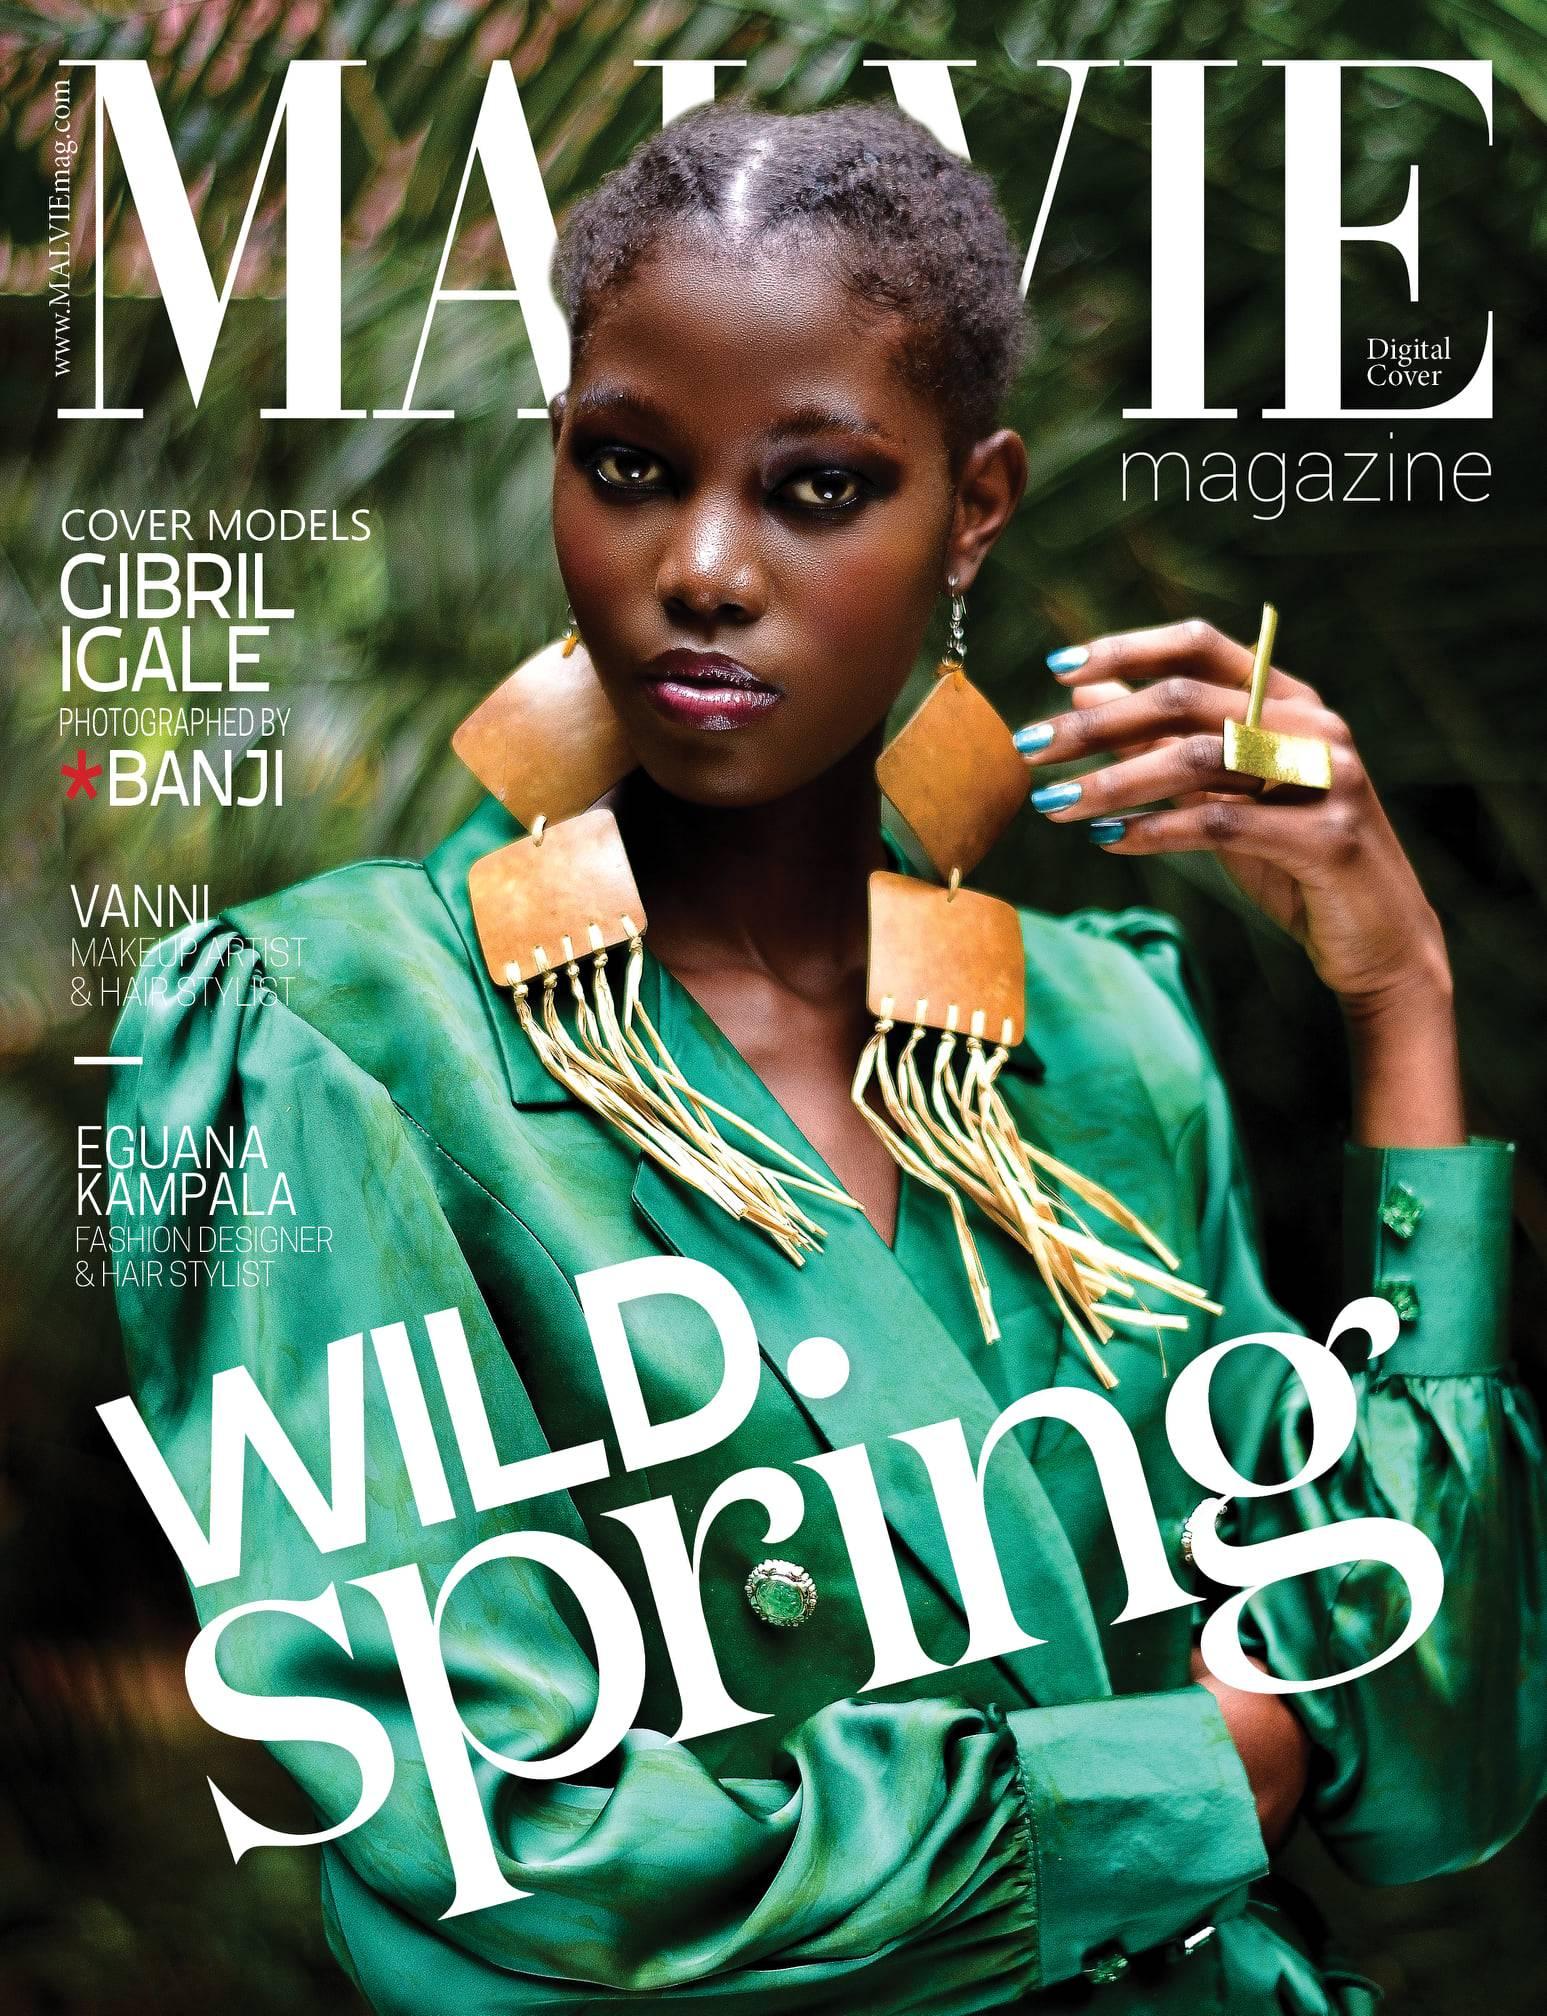 MALVIE MAGAZINE// GIBRIL IGALE